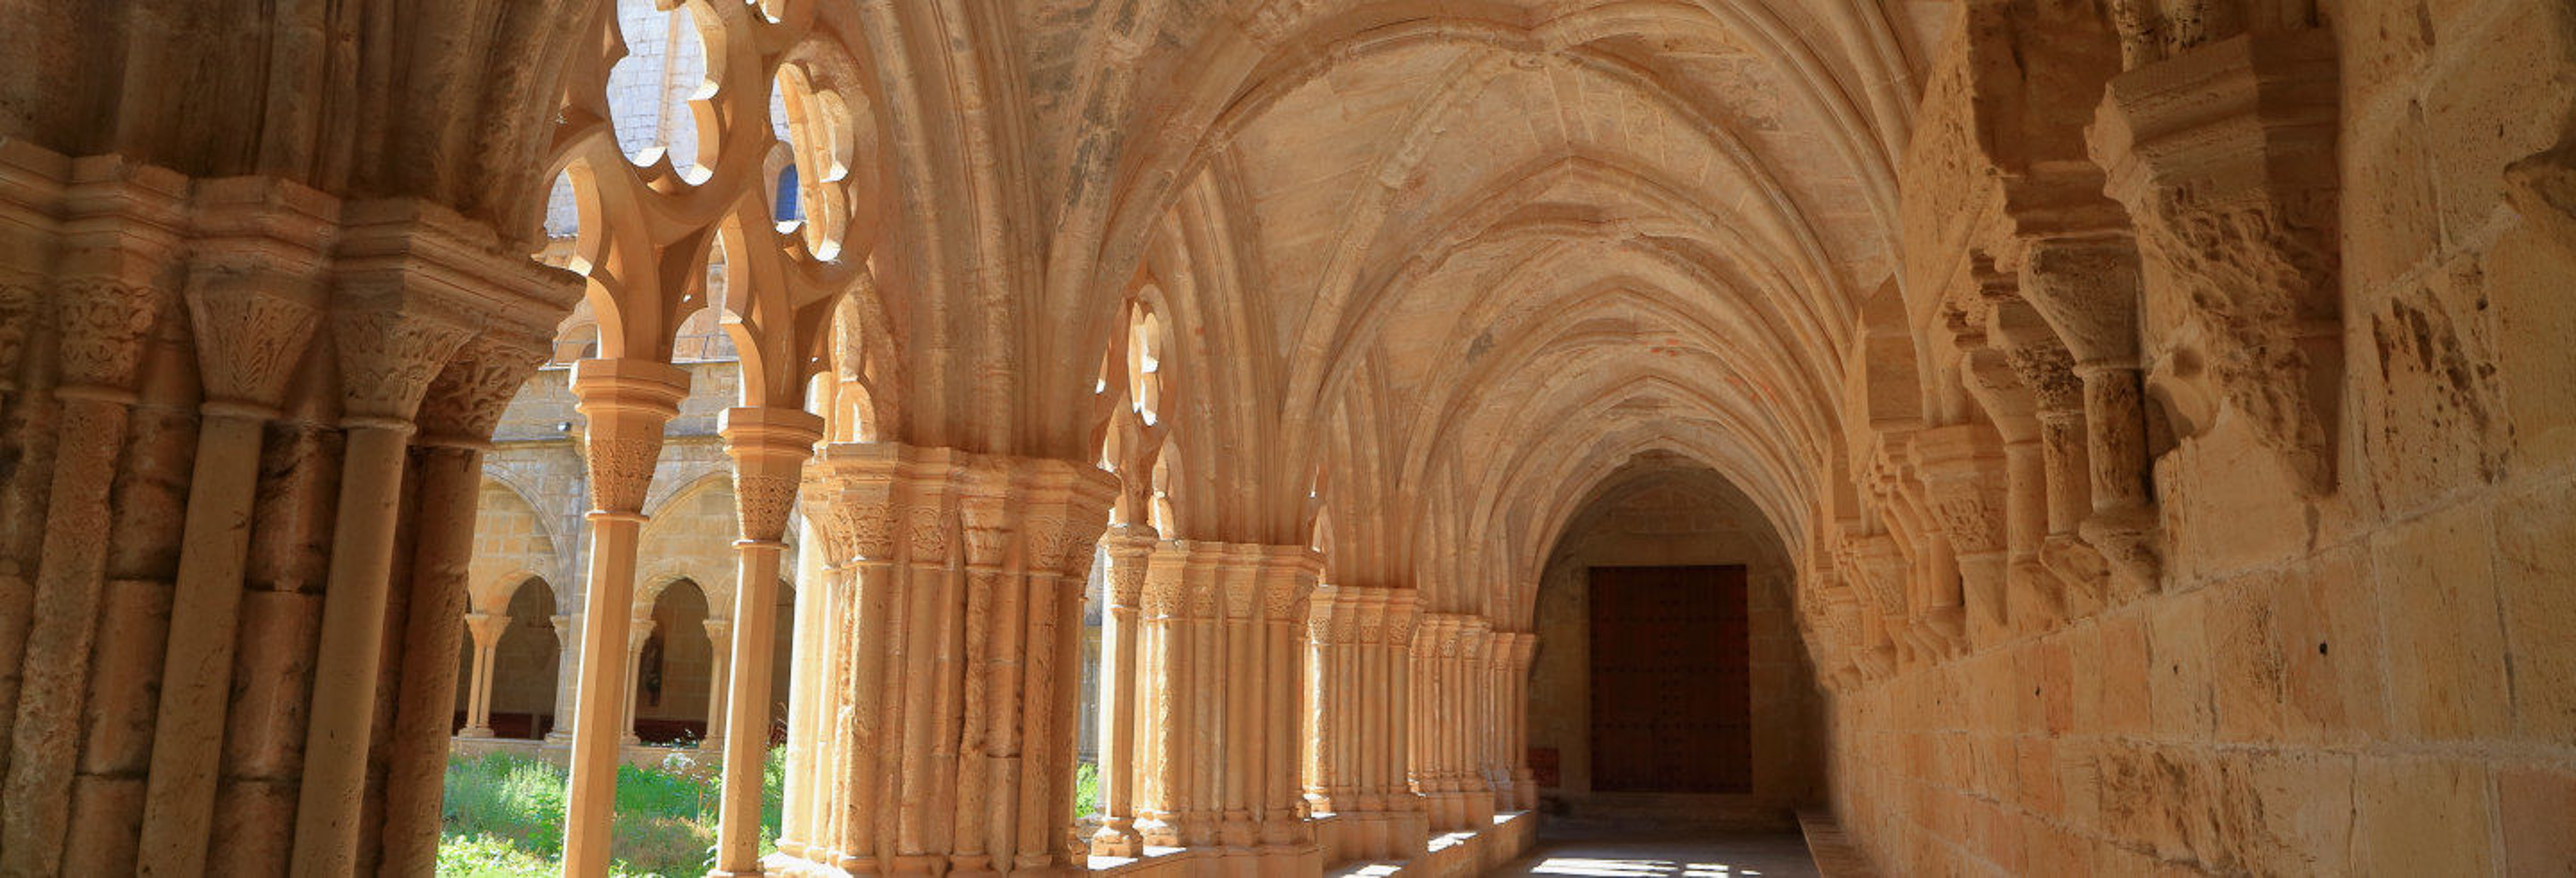 Excursão a Montblanc e Mosteiro de Poblet